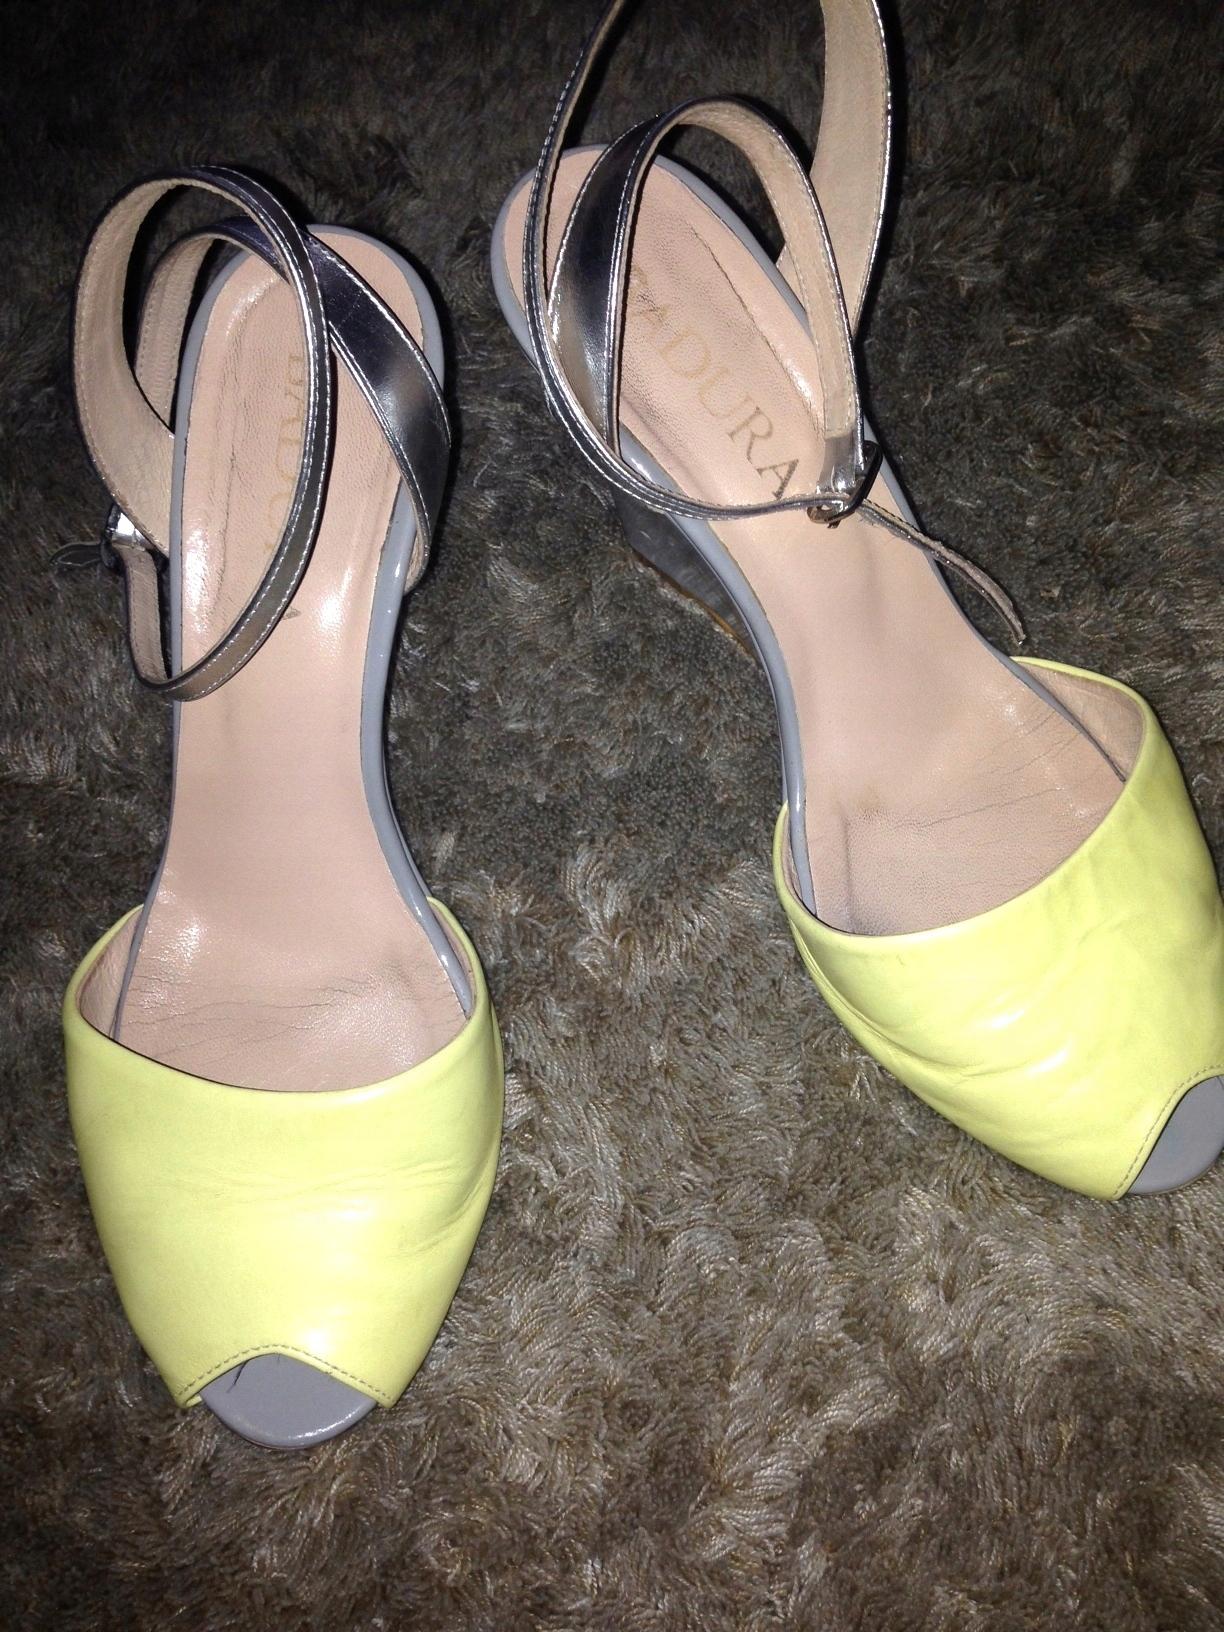 7a825507 badura damskie buty sandały na koturnie 38 - 7505422175 - oficjalne ...